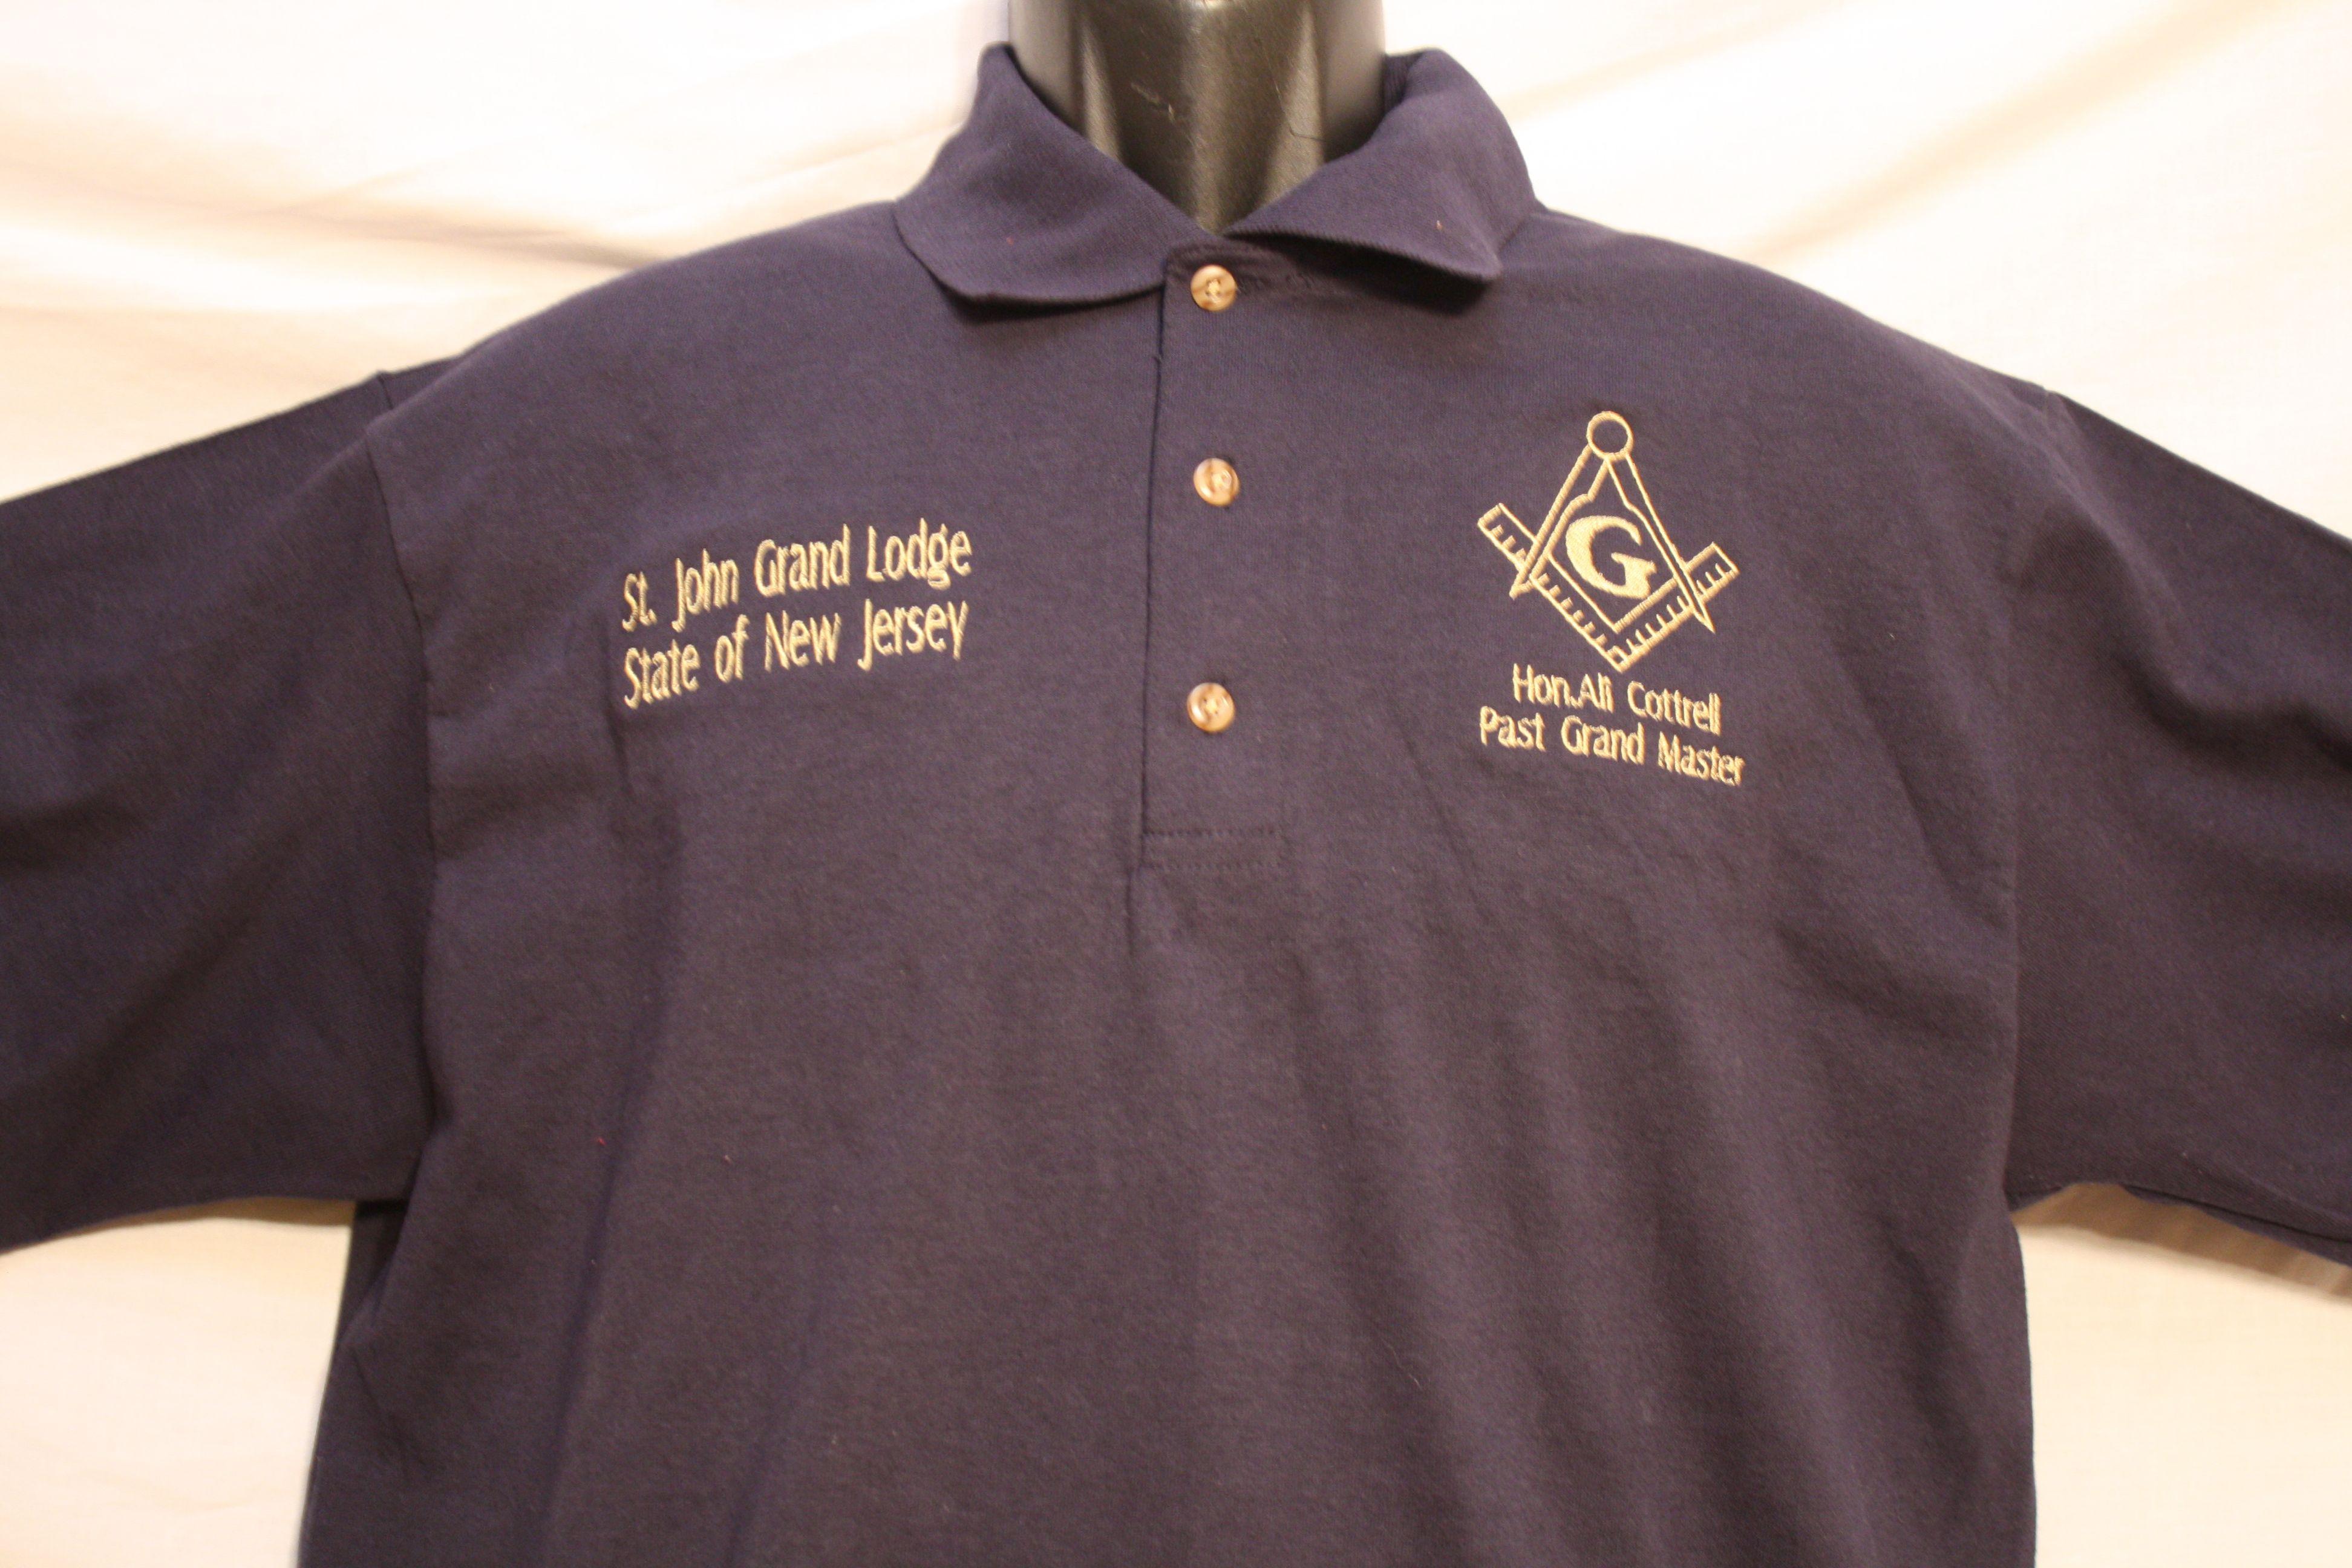 9b10e395a Mason personalized knit polo shirt with Square & Compass logo ...